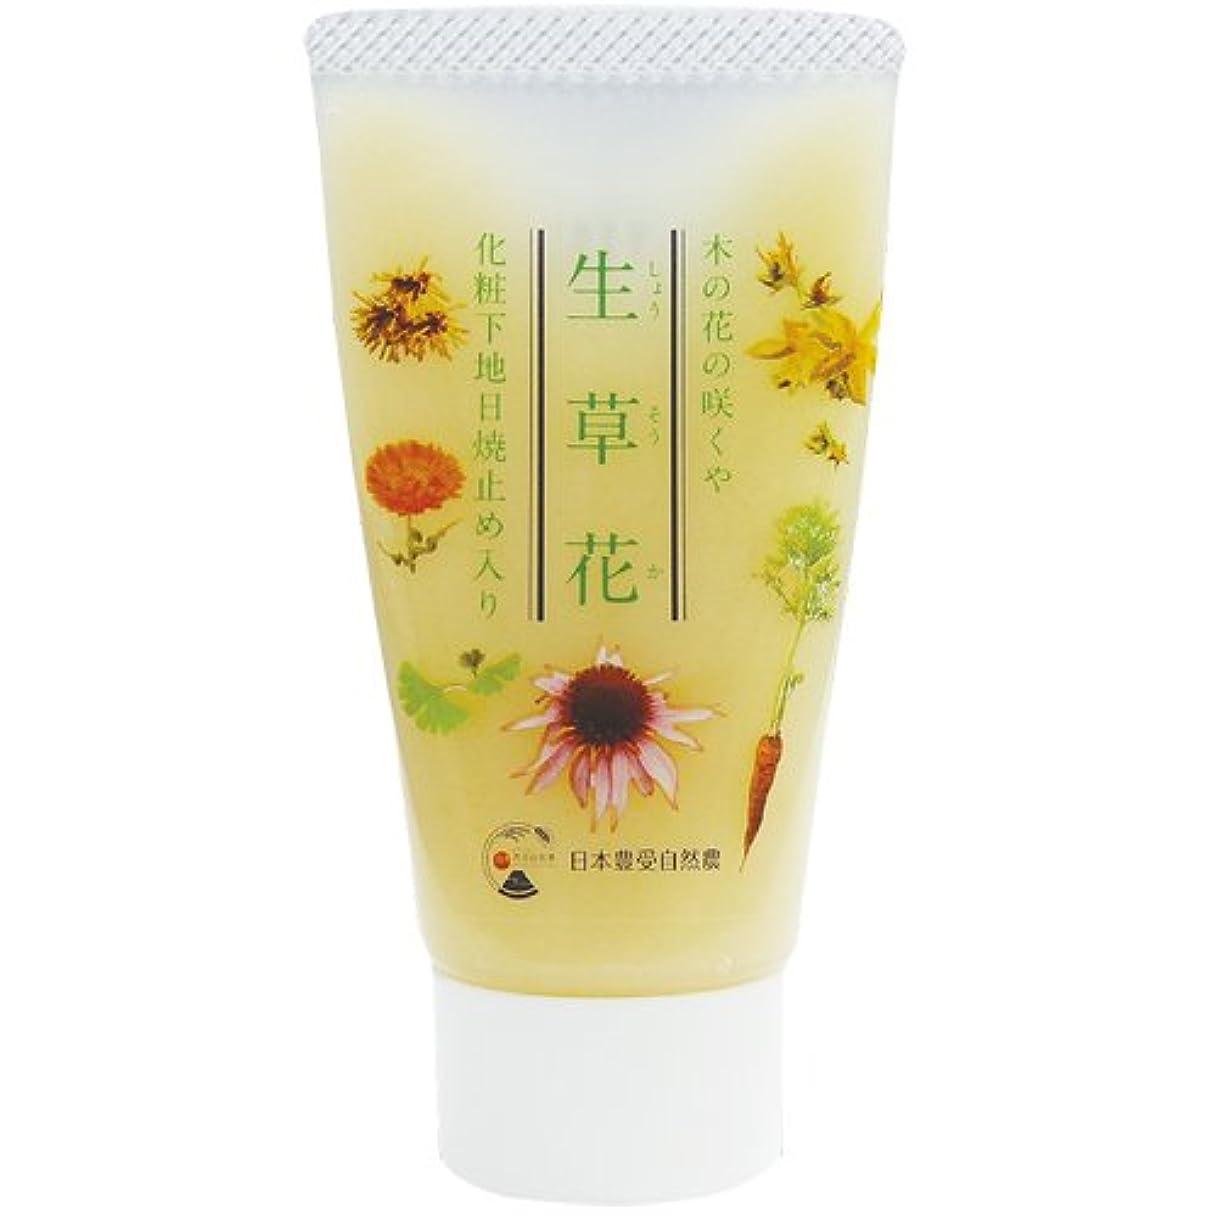 パパ富煩わしい日本豊受自然農 木の花の咲くや 生草花 化粧下地 日焼け止め入り 30g